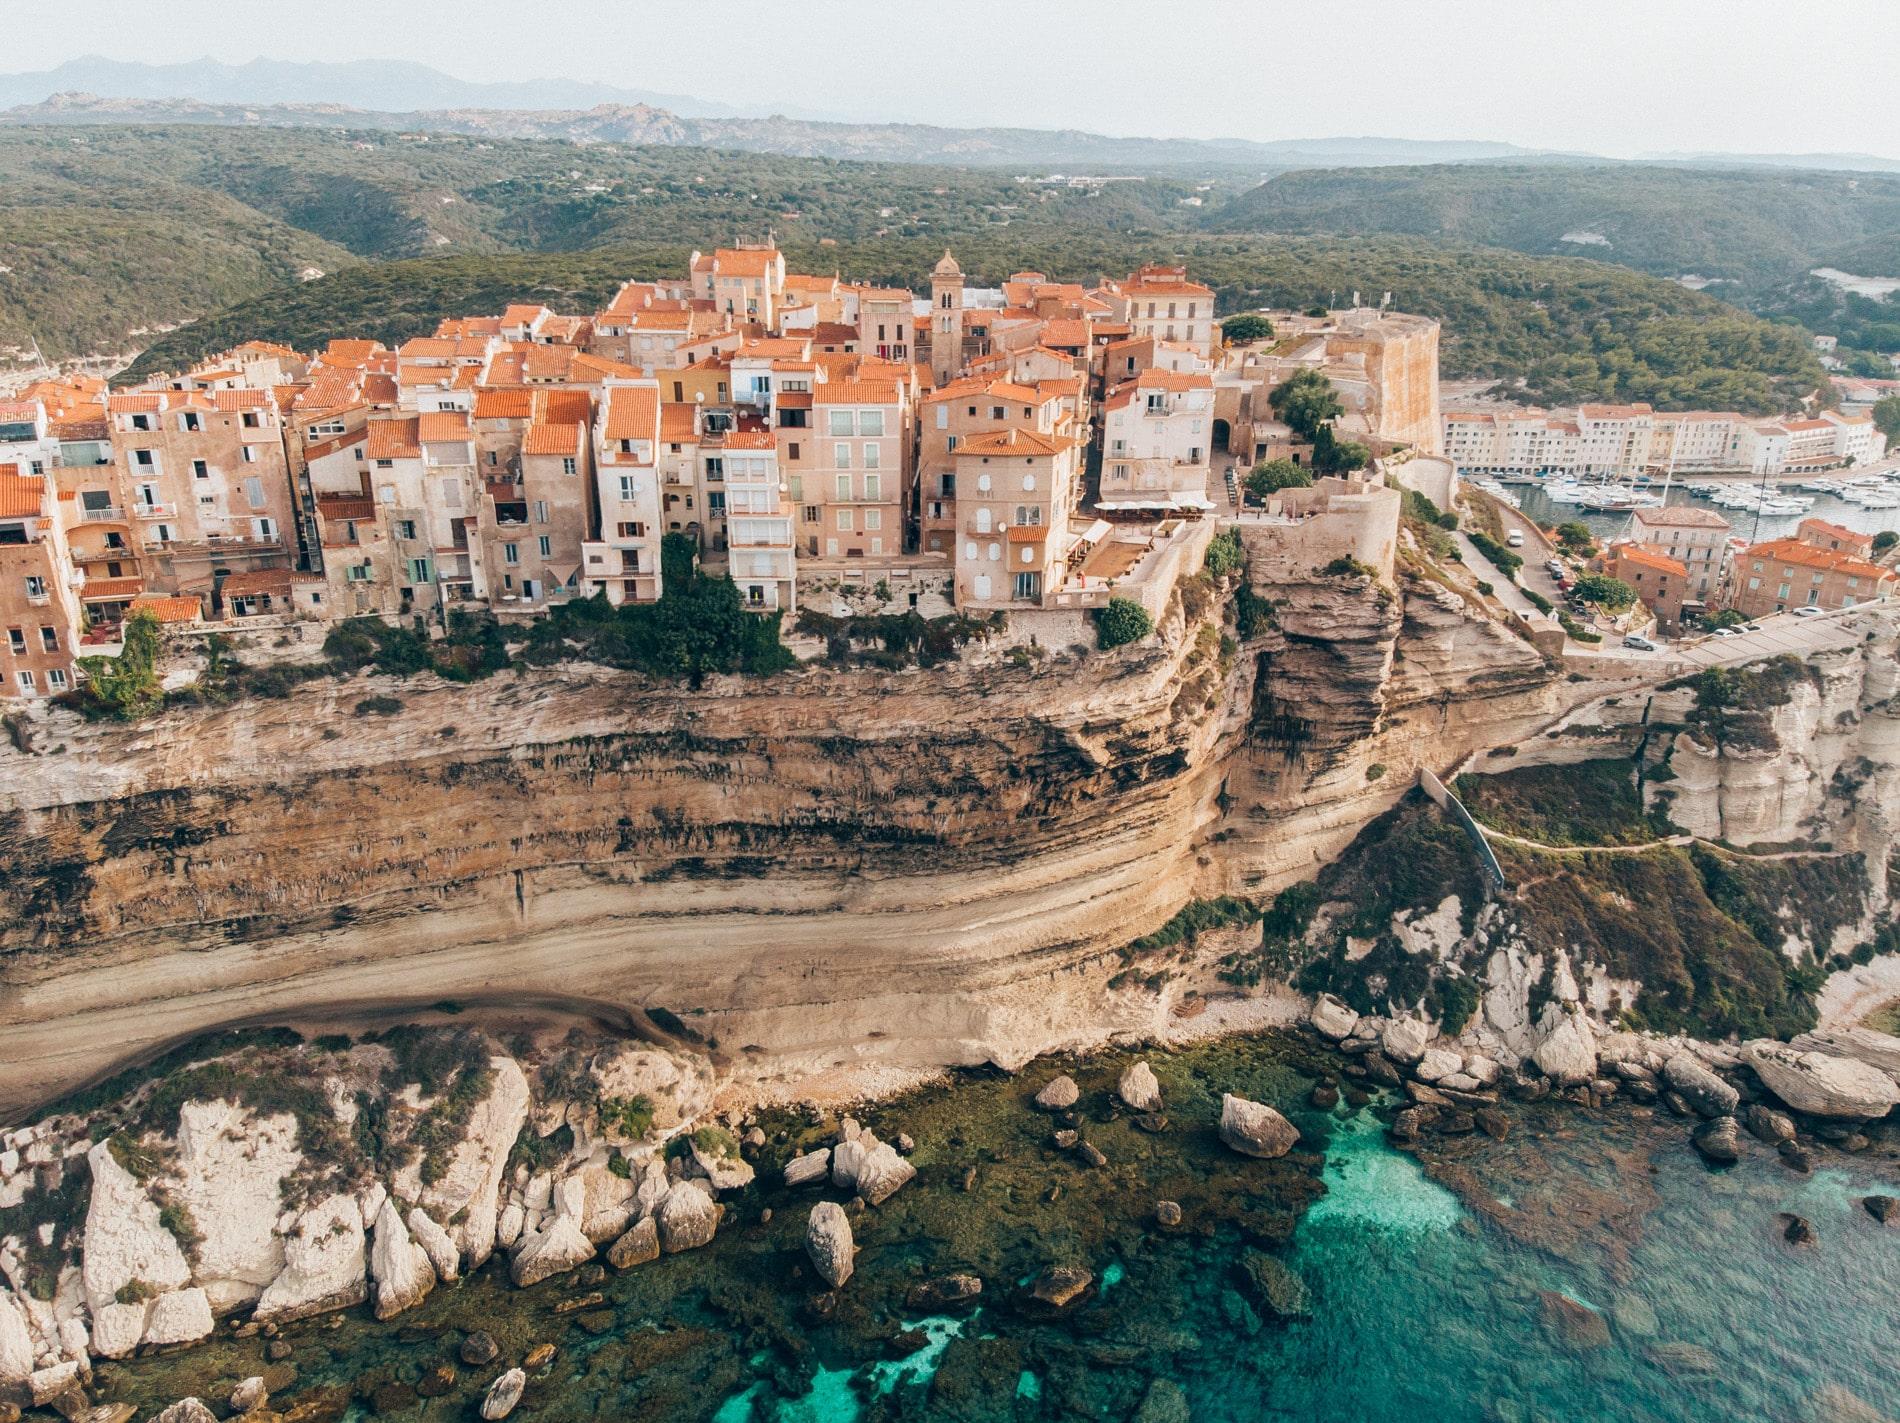 dji 0121 - Corse du sud : Mes conseils, choses à voir, adresses...